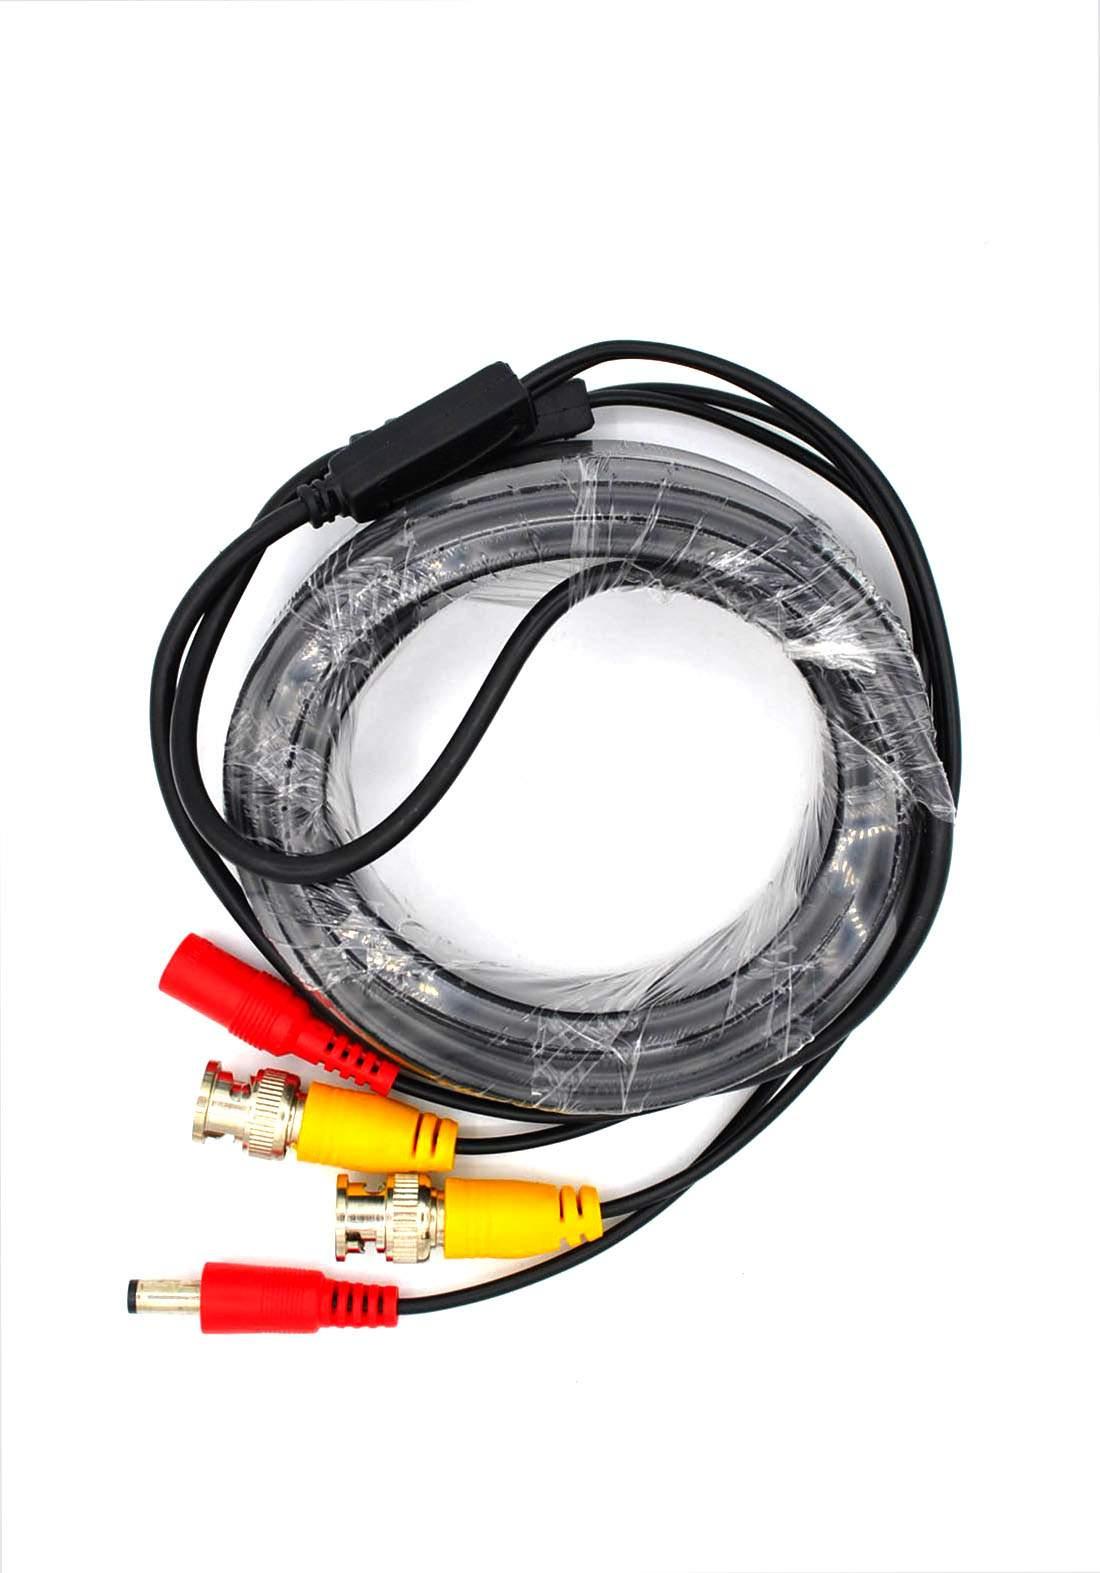 Camera Coaxial Cable - 10m كابل كاميرا